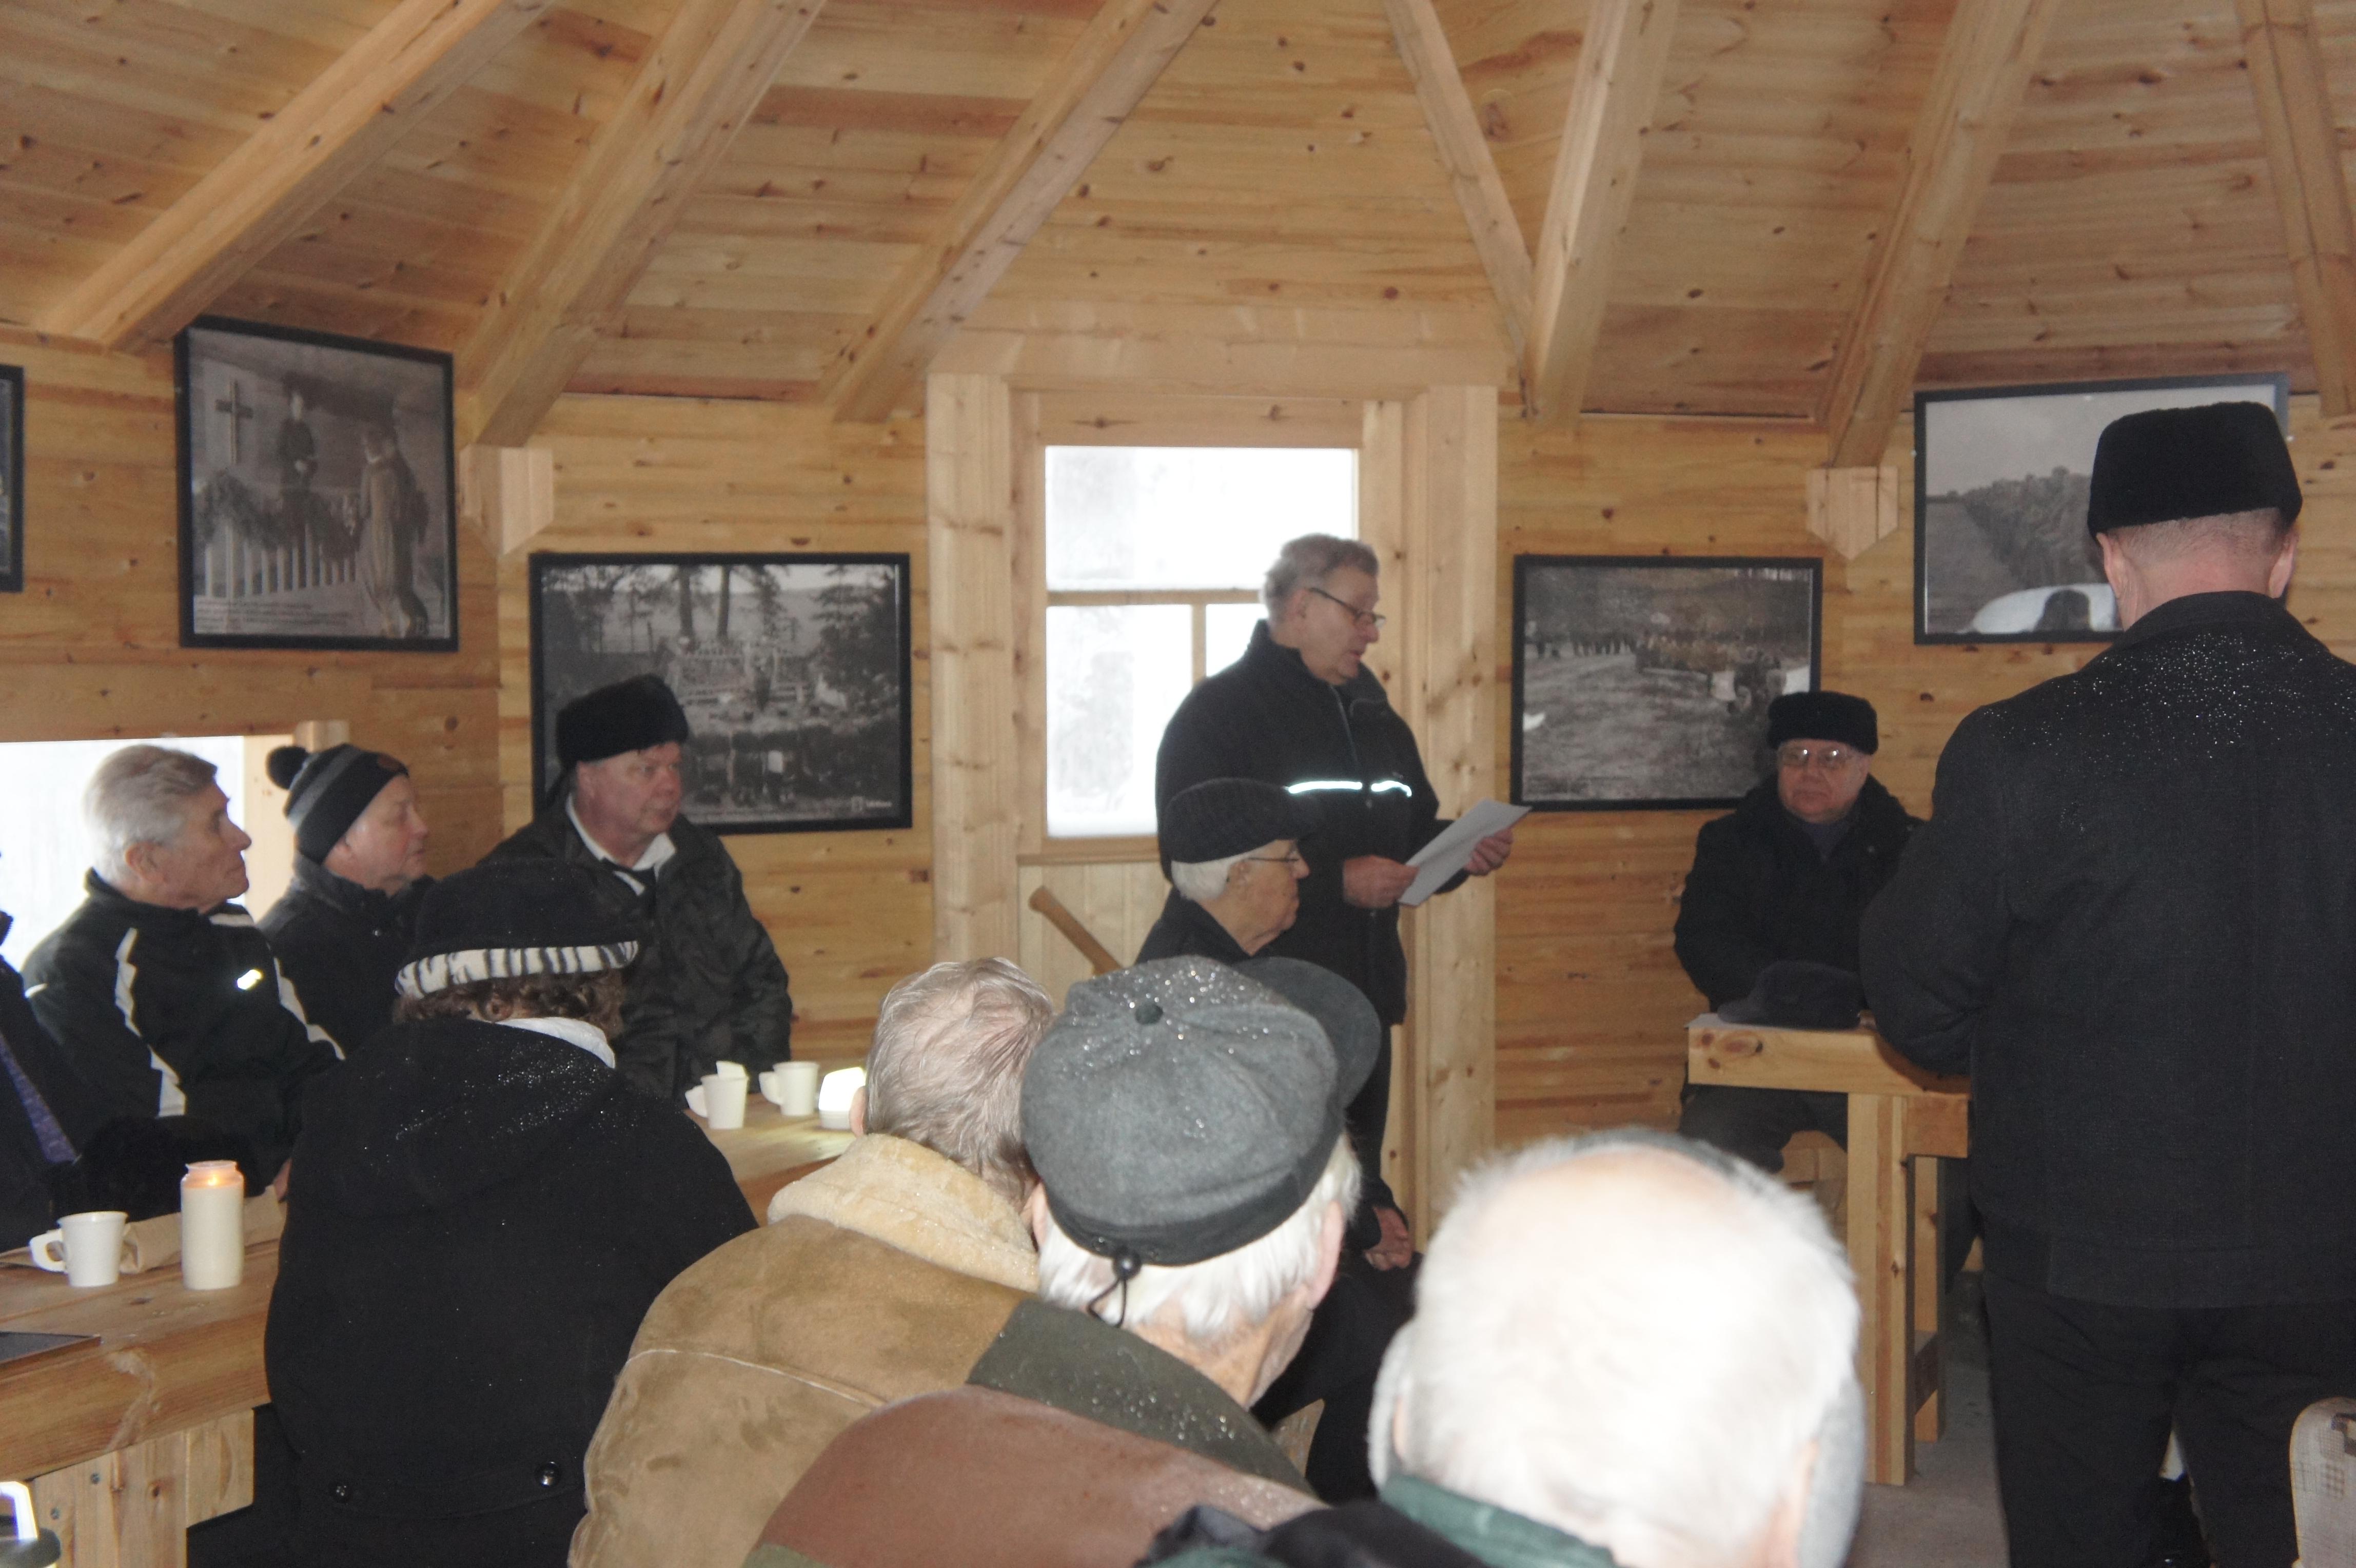 Kivivaaran suunnan ensimmäisen päivän uhrit oli Esko Kuitusen juhlapäivän esitelmän aiheena.